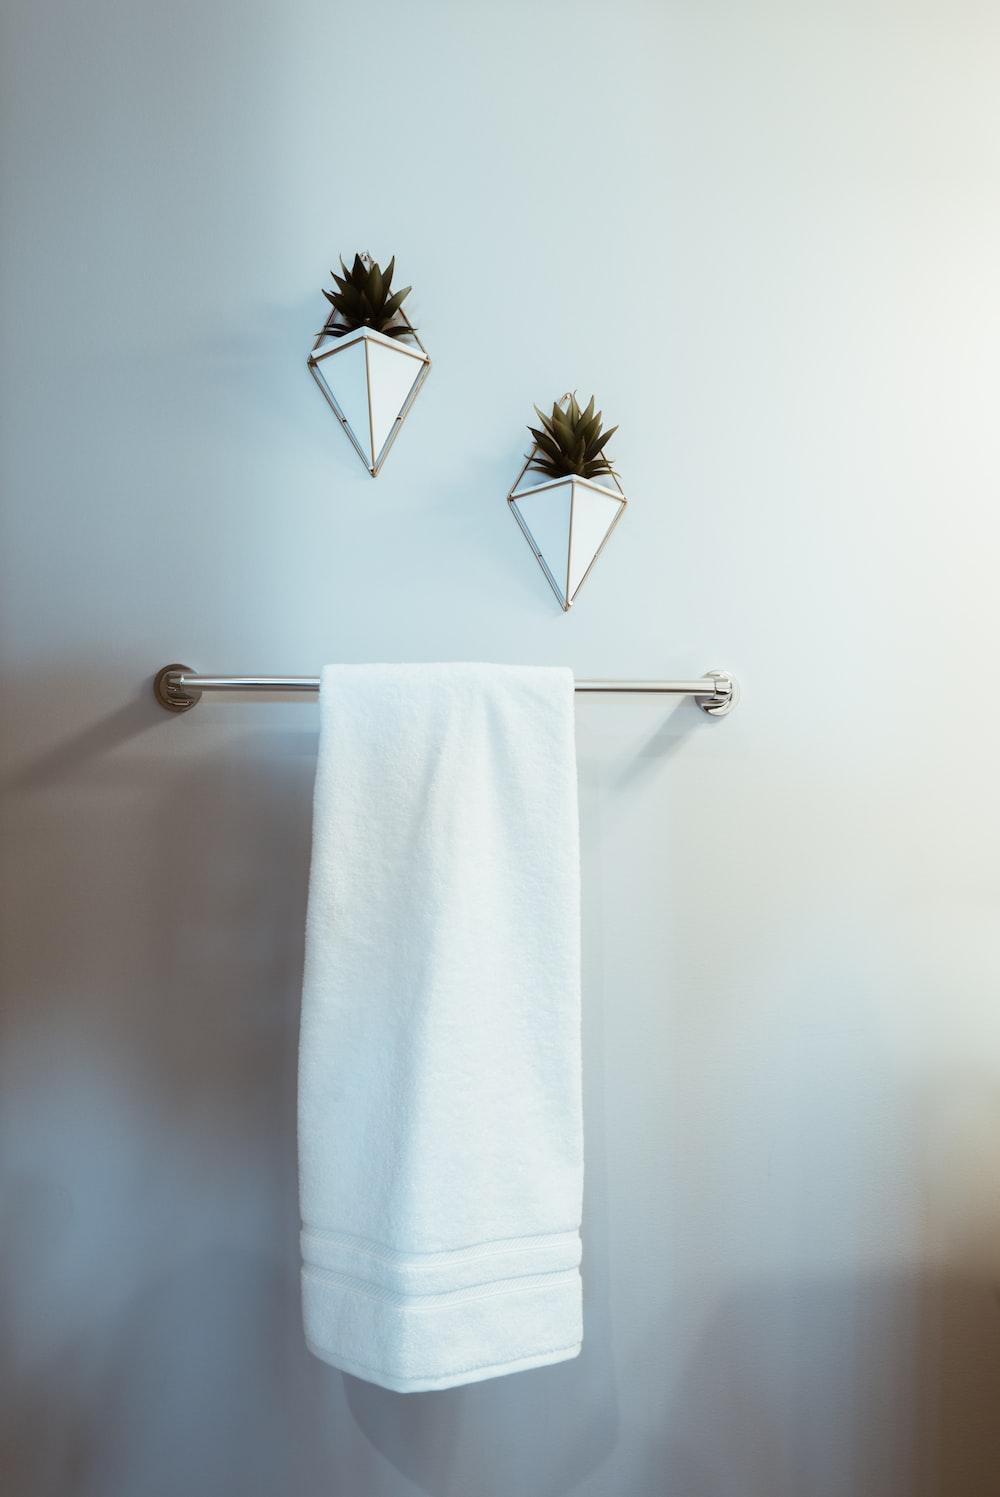 white towel on stainless steel towel rack